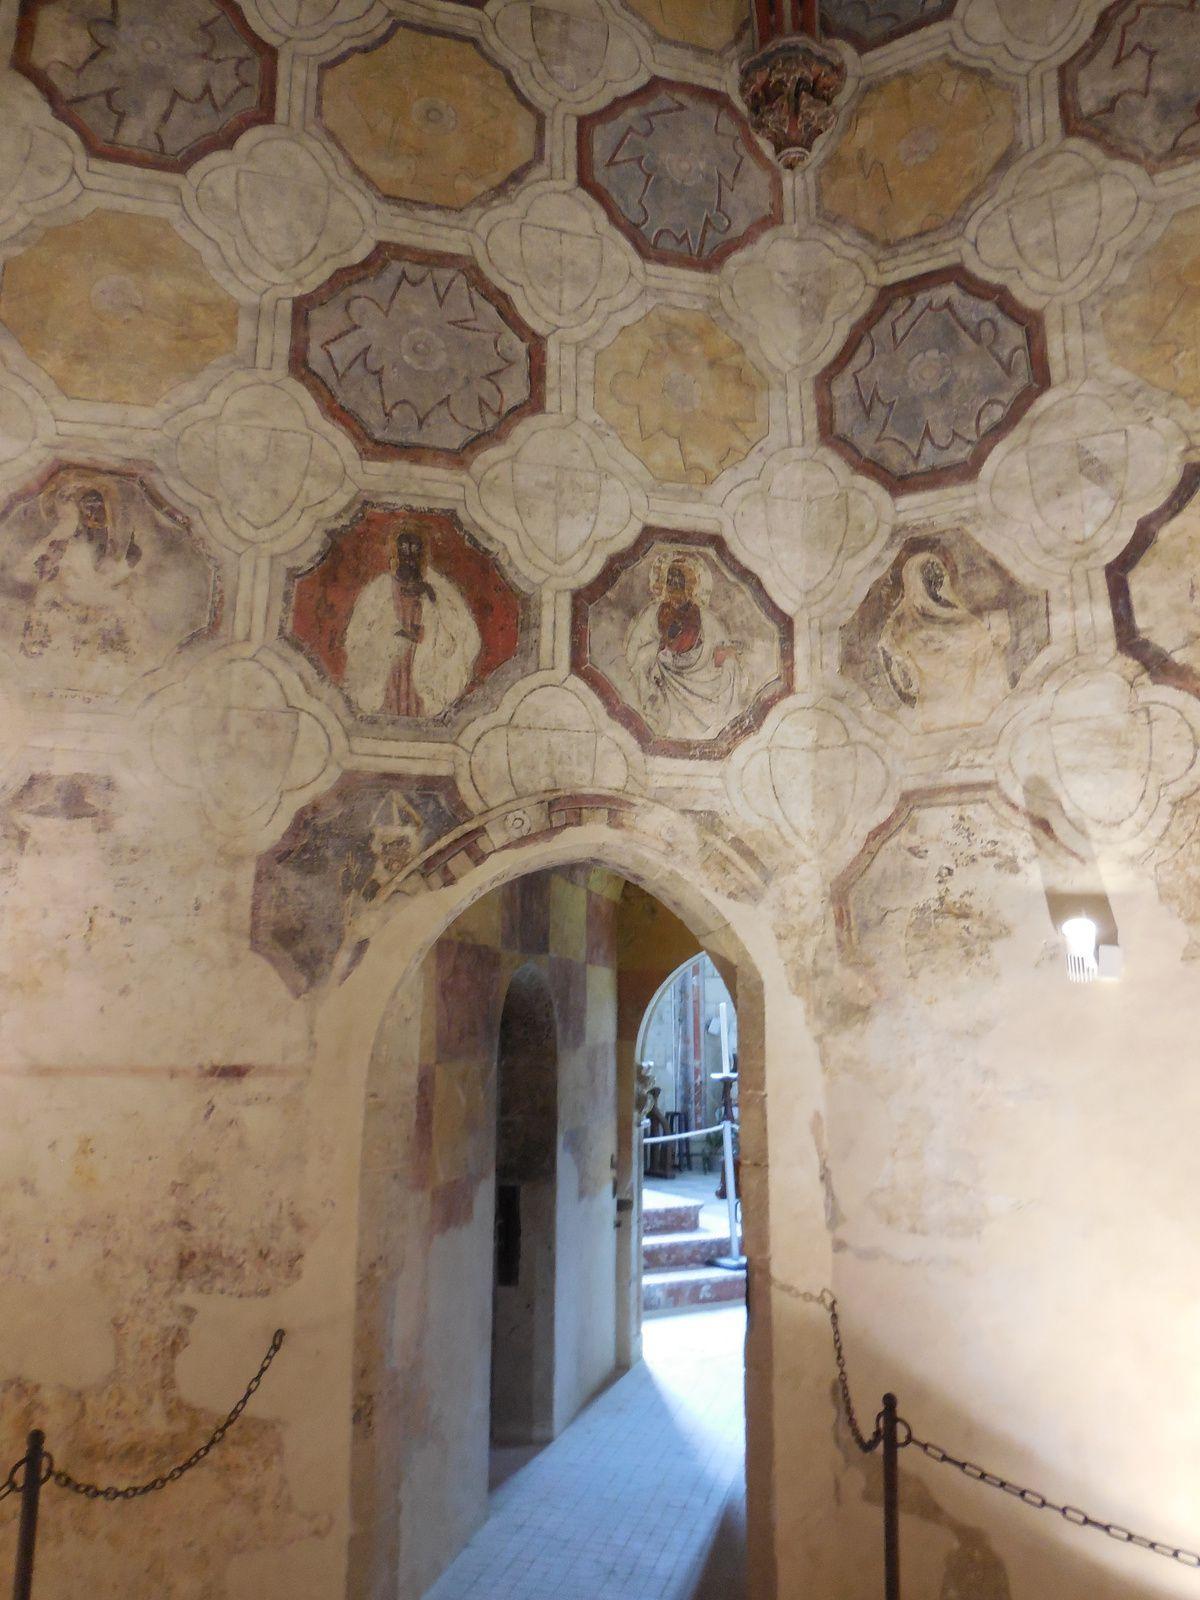 Passage entre l'église , la sacristie  et l'accès à la tour octogonale.